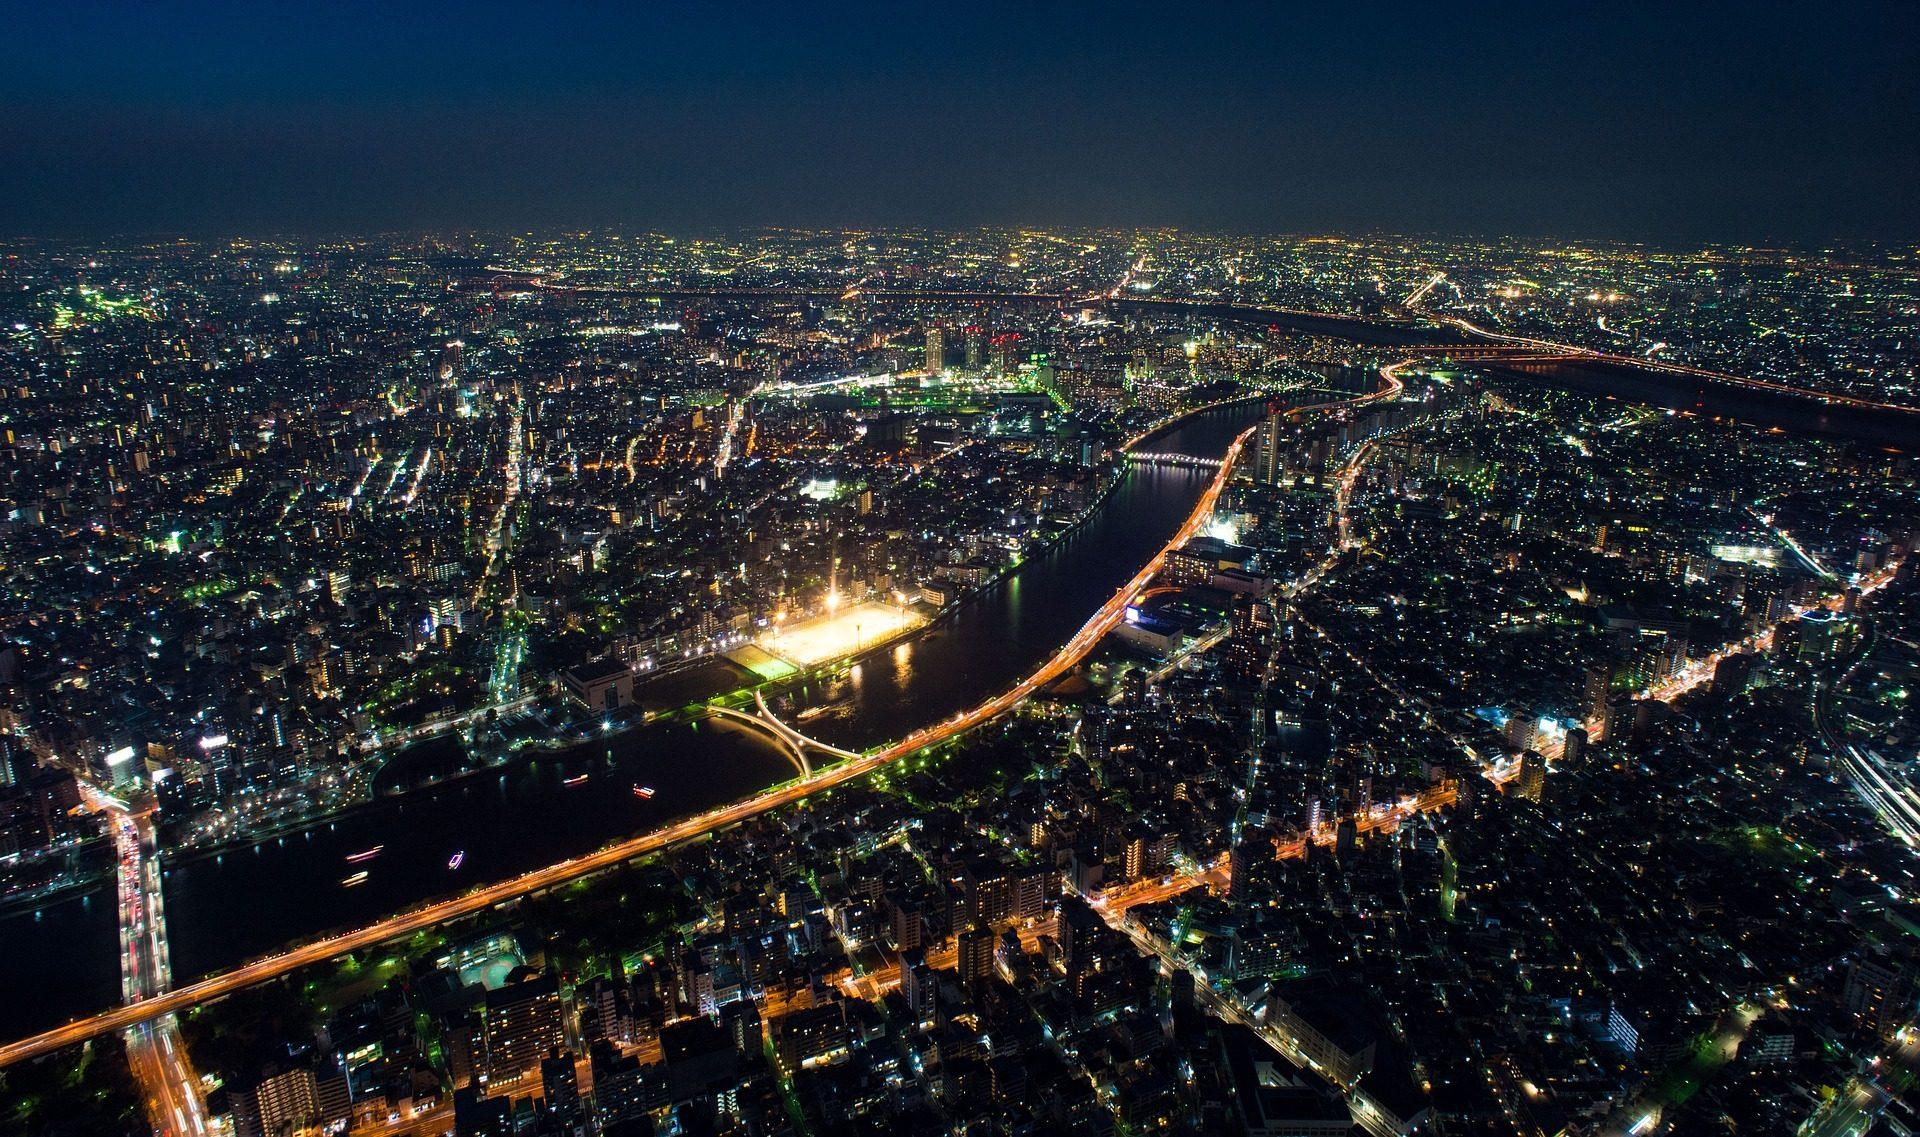 مدينة, ليلة, مرتفعات, أضواء, المباني, superpoblación - خلفيات عالية الدقة - أستاذ falken.com